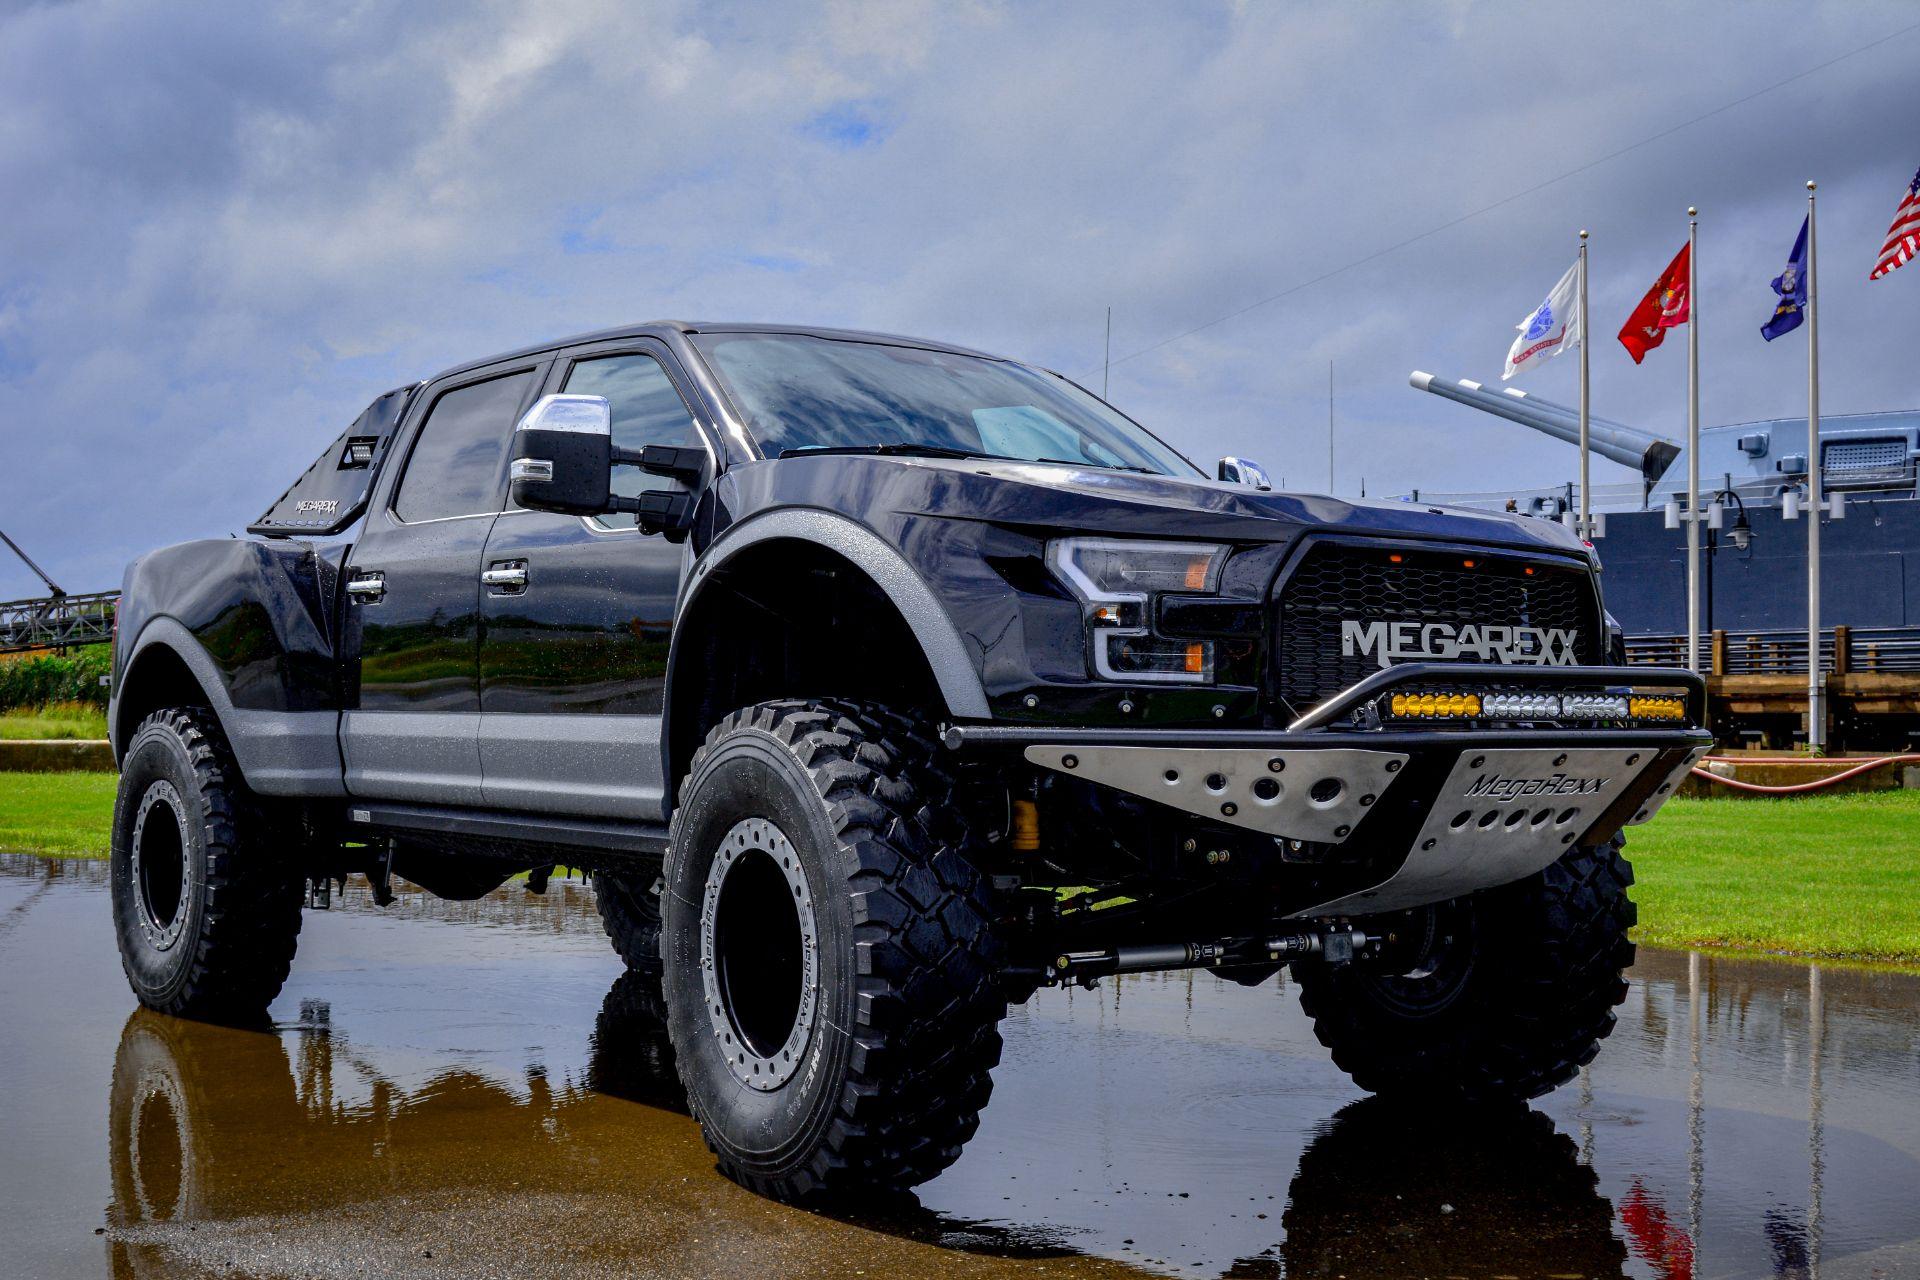 MegaRaptor-by-Megarexx-Trucks-1